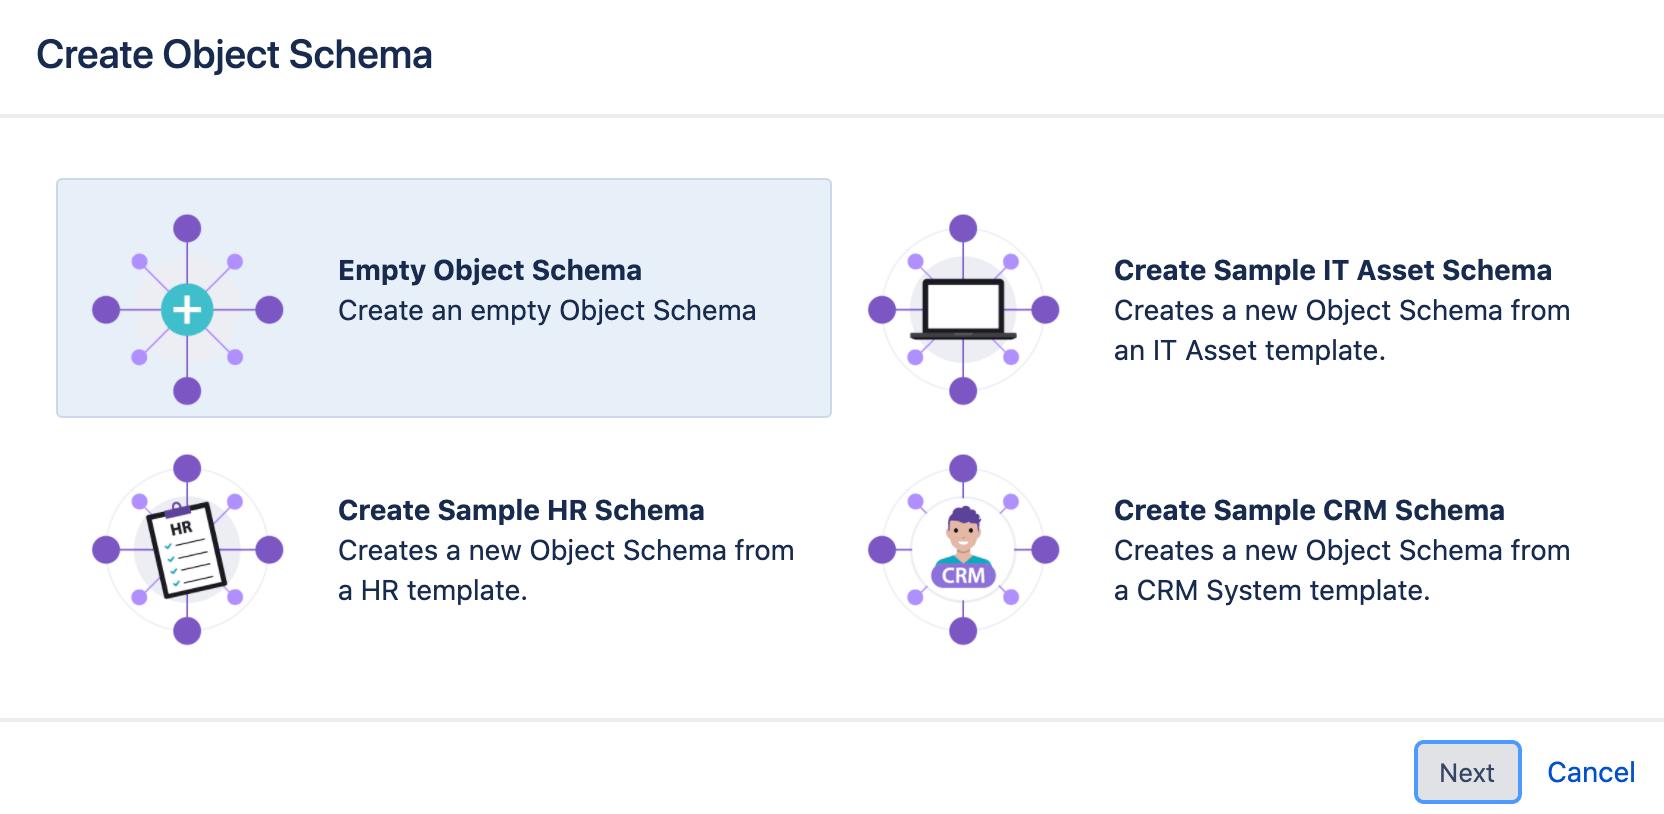 オブジェクト スキーマは、空のスキーマ、IT アセット スキーマ、HR スキーマ、および CRM スキーマのオプションでフォームを作成します。